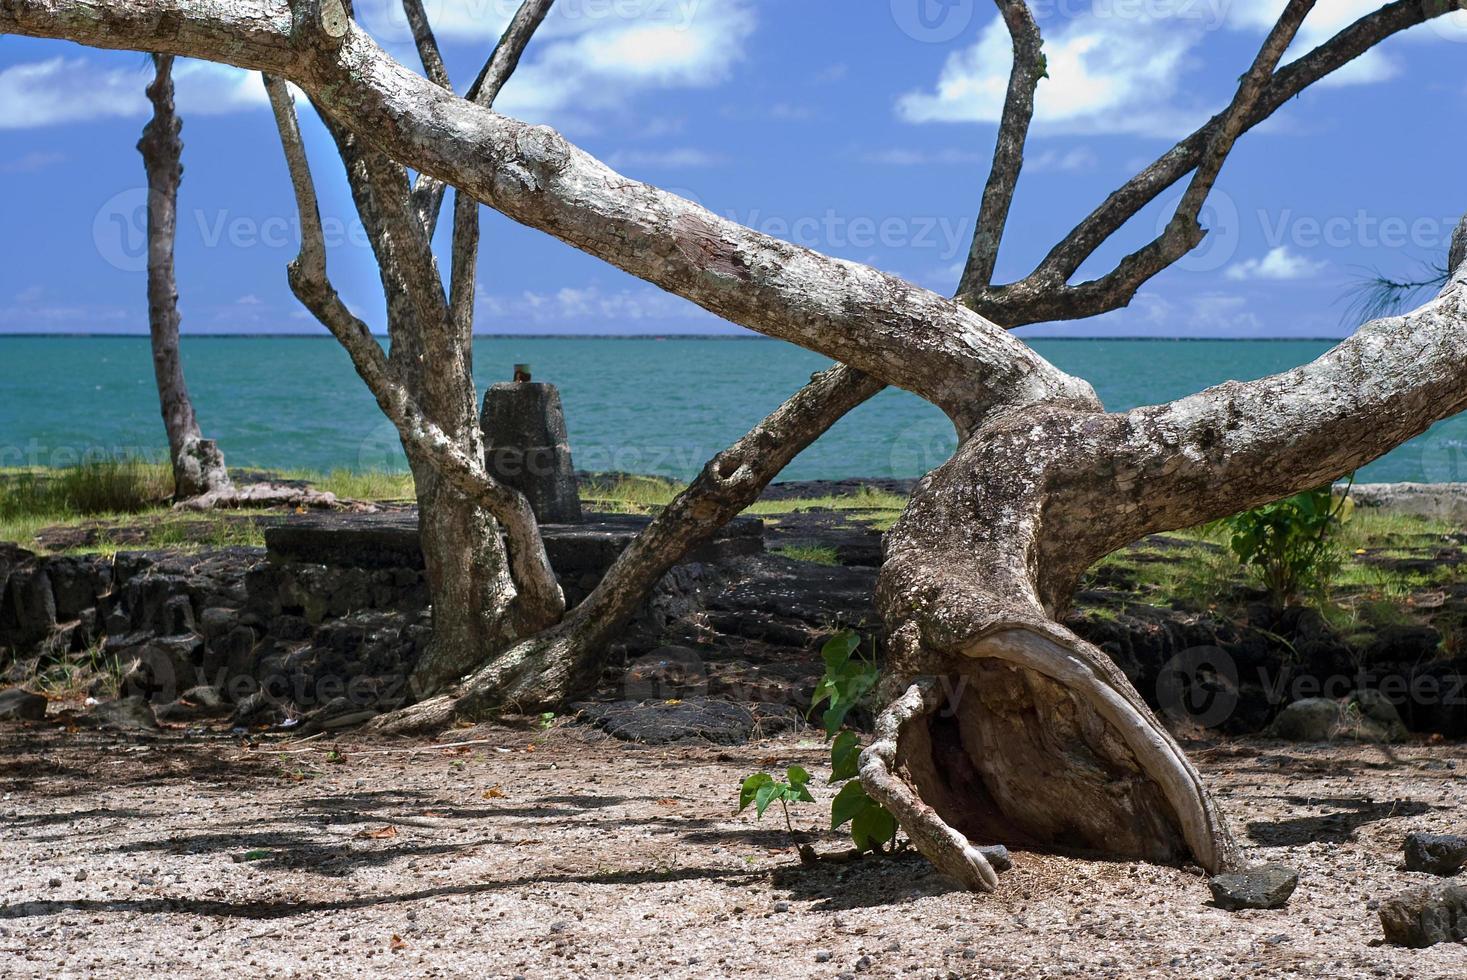 spiaggia dell'isola della noce di cocco con gli alberi e la sabbia tropicali foto